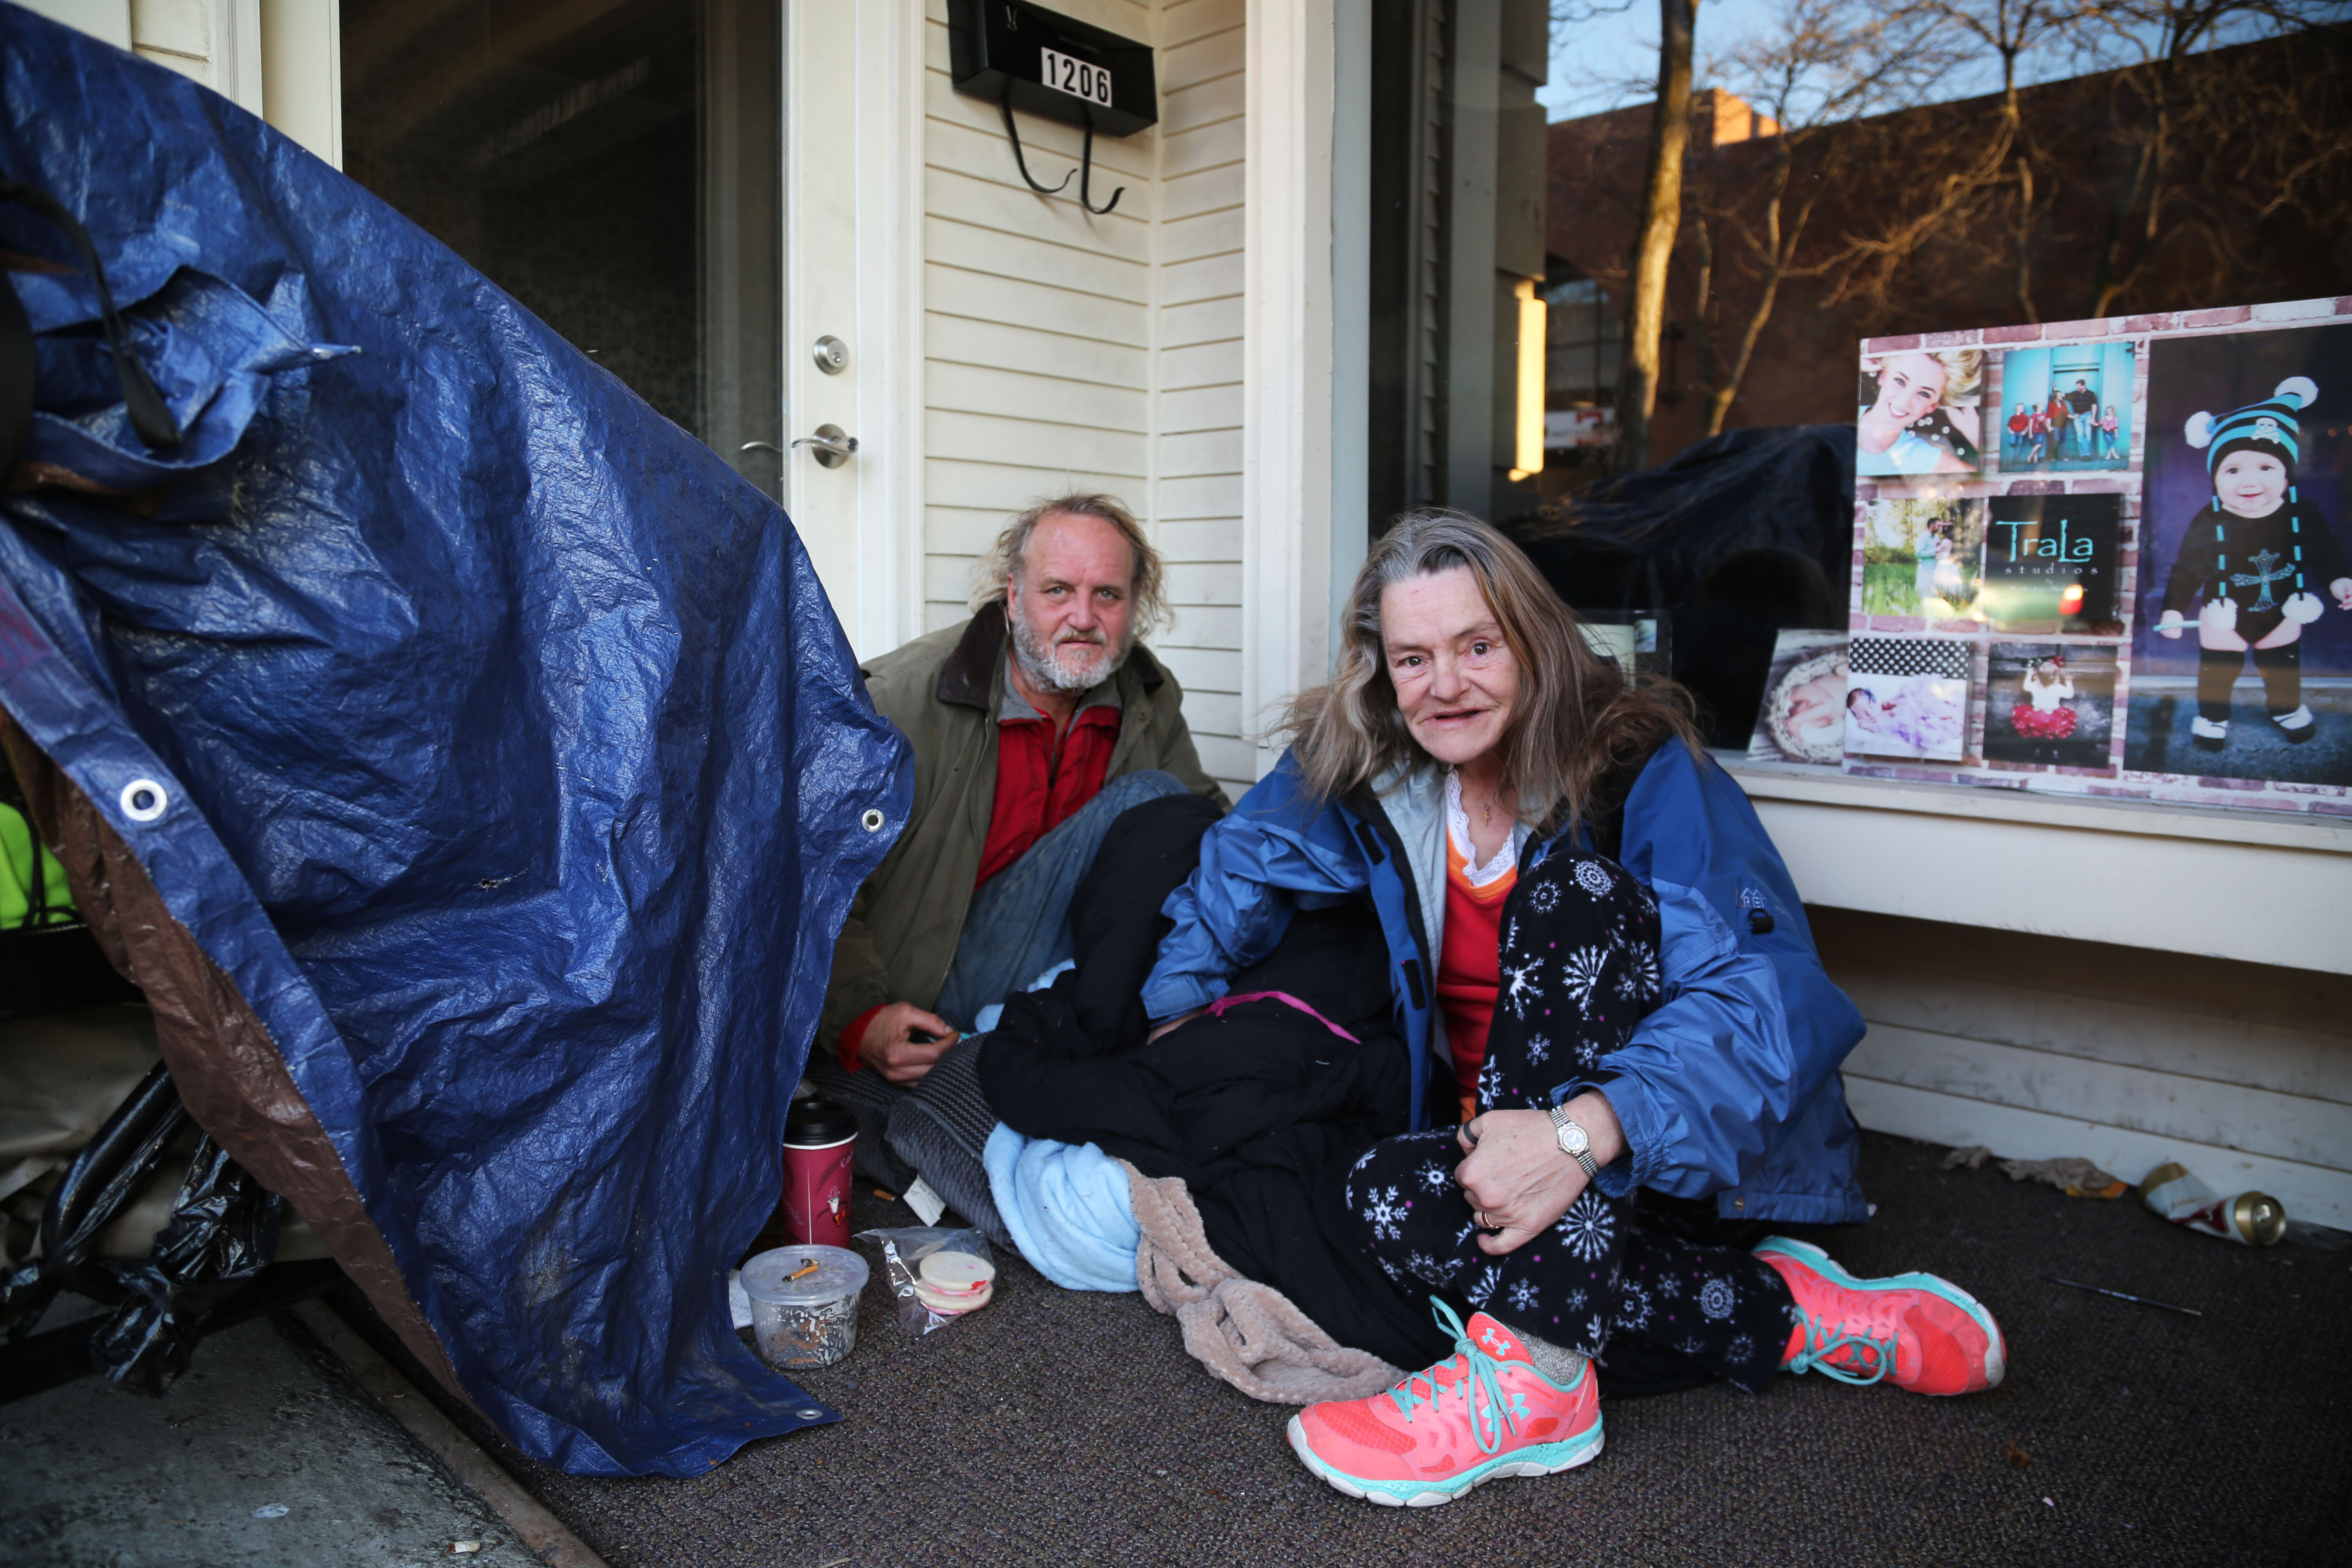 homeless in bellingham